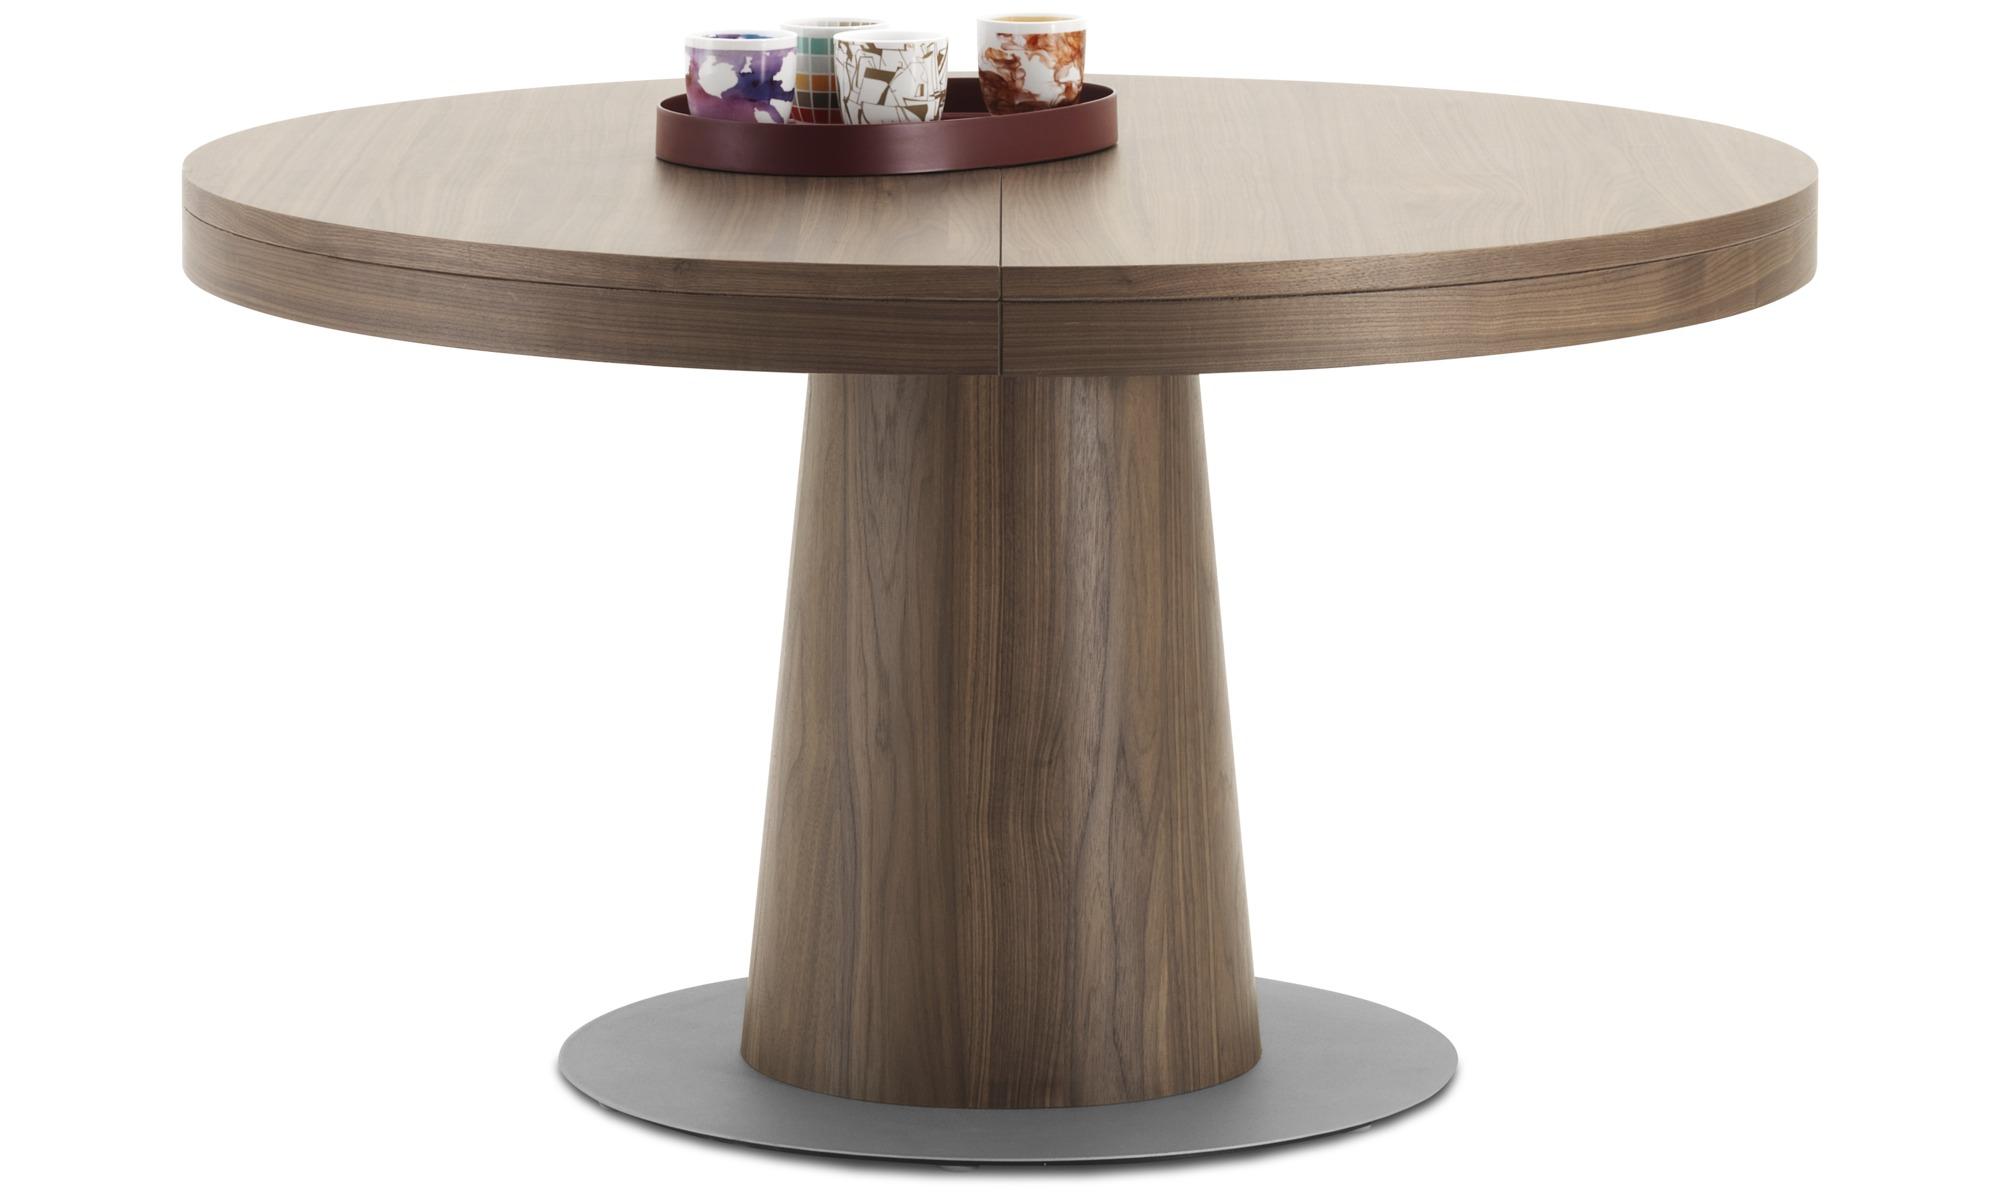 Full Size of Gartentisch Rund Ausziehbar Esstische Granada Tisch Mit Zusatztischplatte Boconcept Esstisch Stühlen Eiche Runde Betten Sofa 160 Sri Lanka Rundreise Und Baden Wohnzimmer Gartentisch Rund Ausziehbar